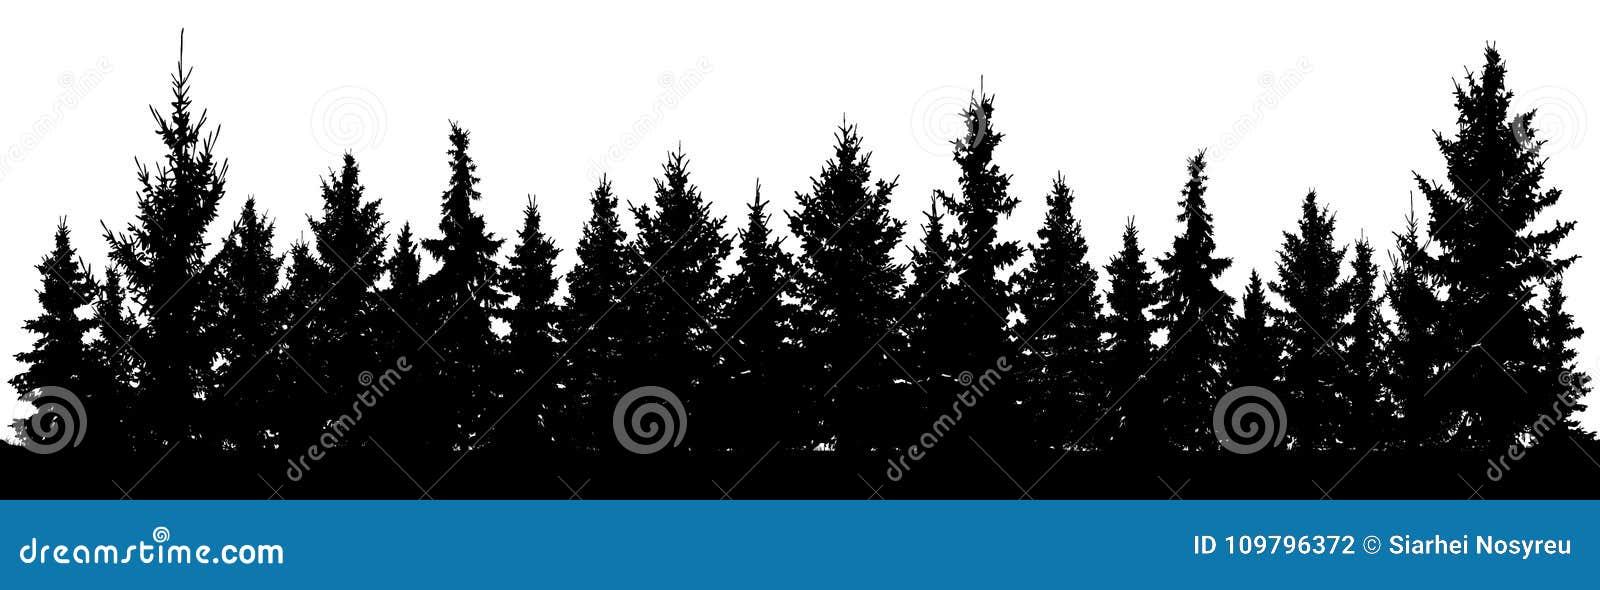 Δάσος της σκιαγραφίας δέντρων έλατου Χριστουγέννων Κωνοφόρες ερυθρελάτες Πάρκο του αειθαλούς ξύλου Διάνυσμα στο άσπρο υπόβαθρο